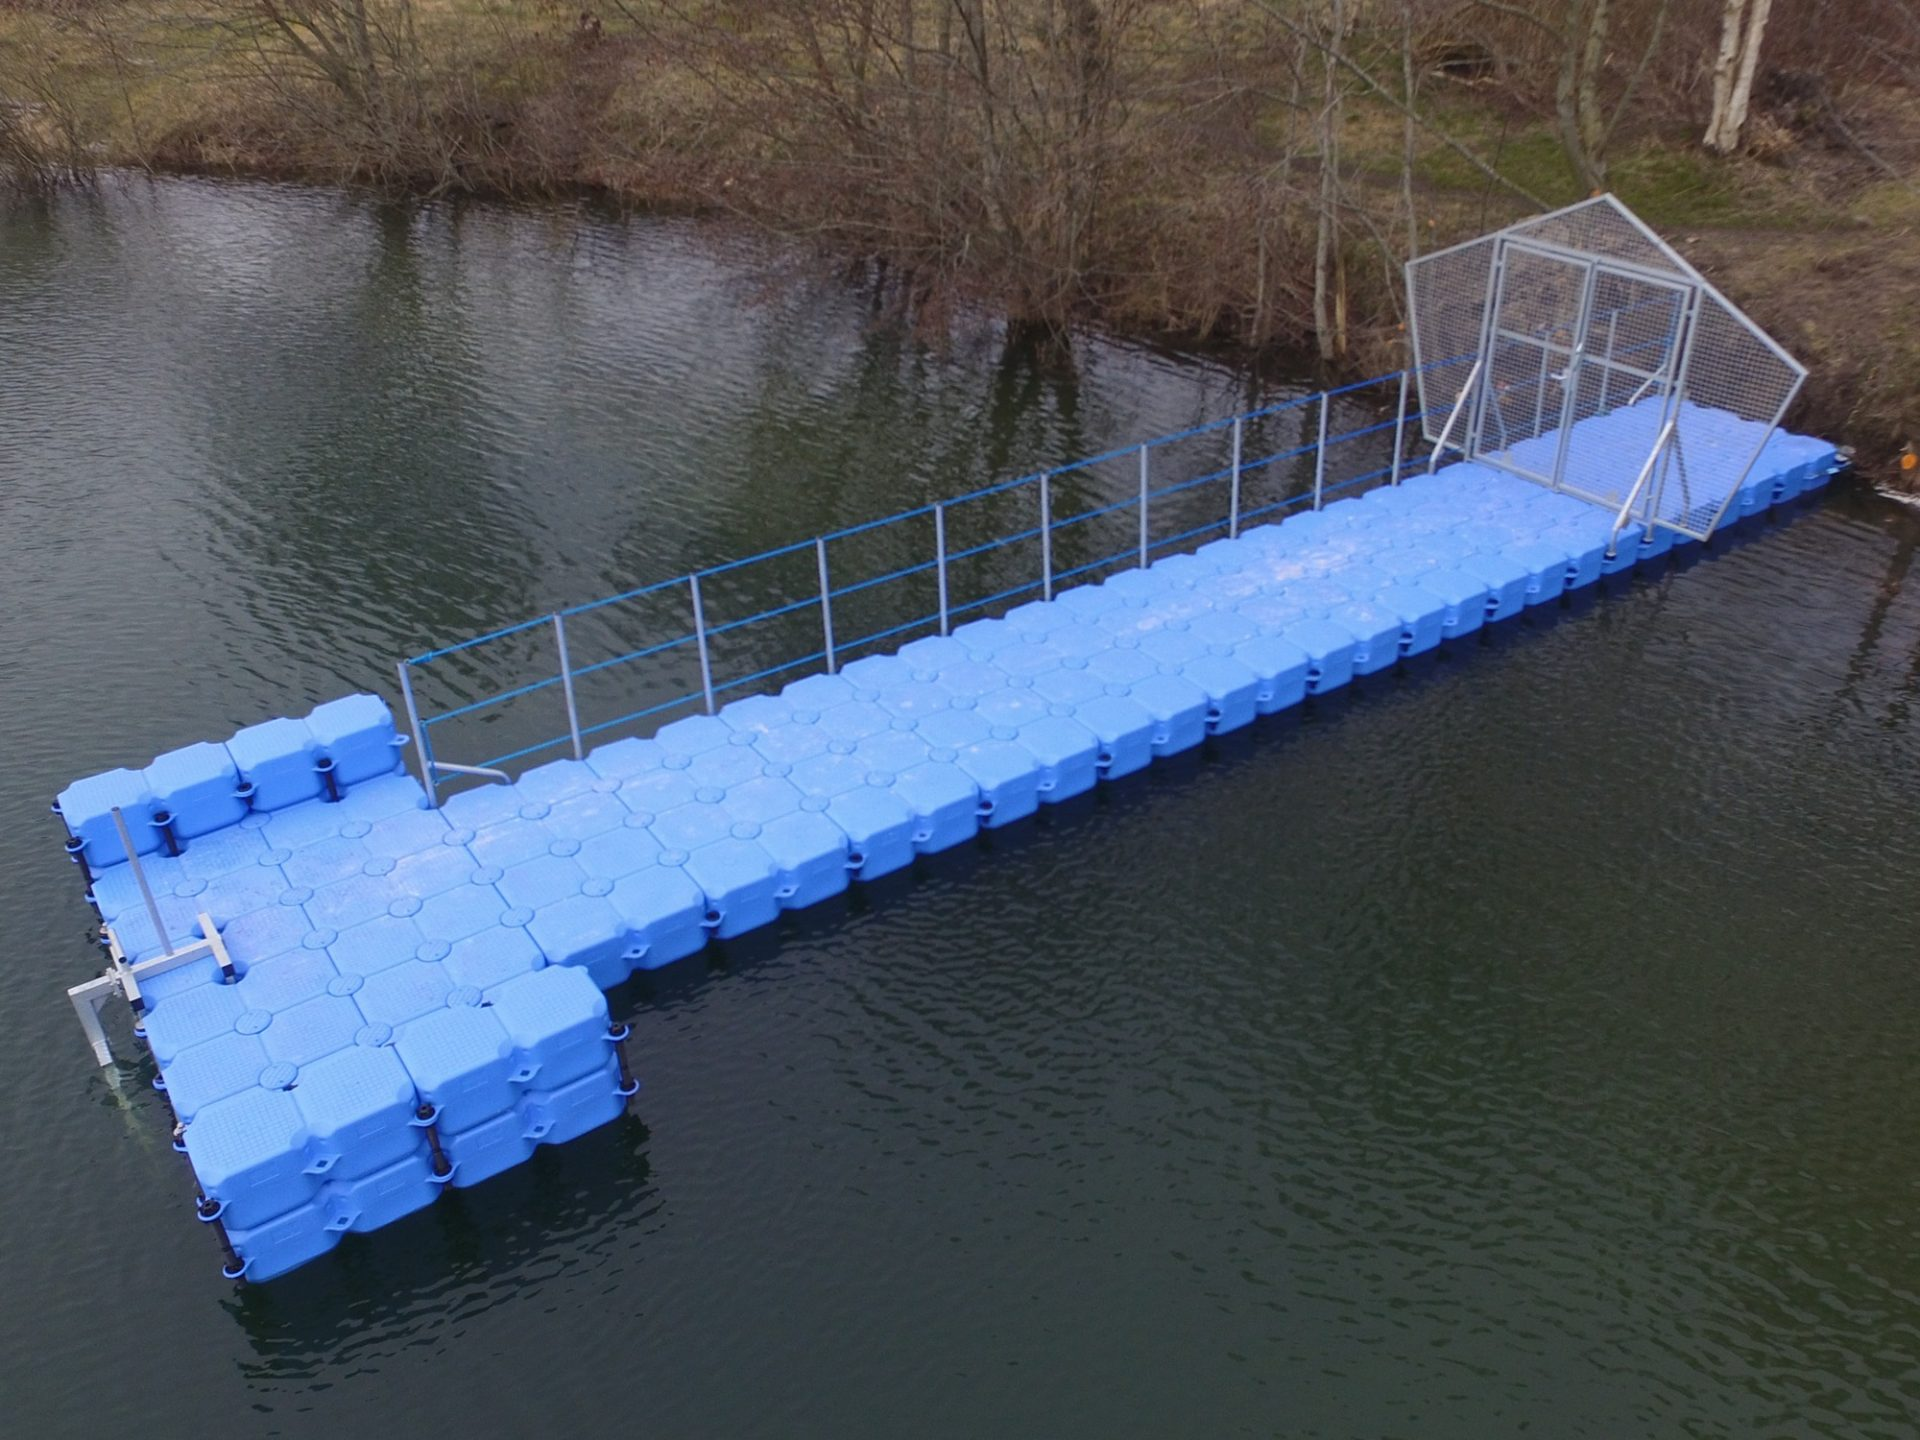 Taucher Ponton Steg Bauen Mit Kunststoff Schwimmkorpern